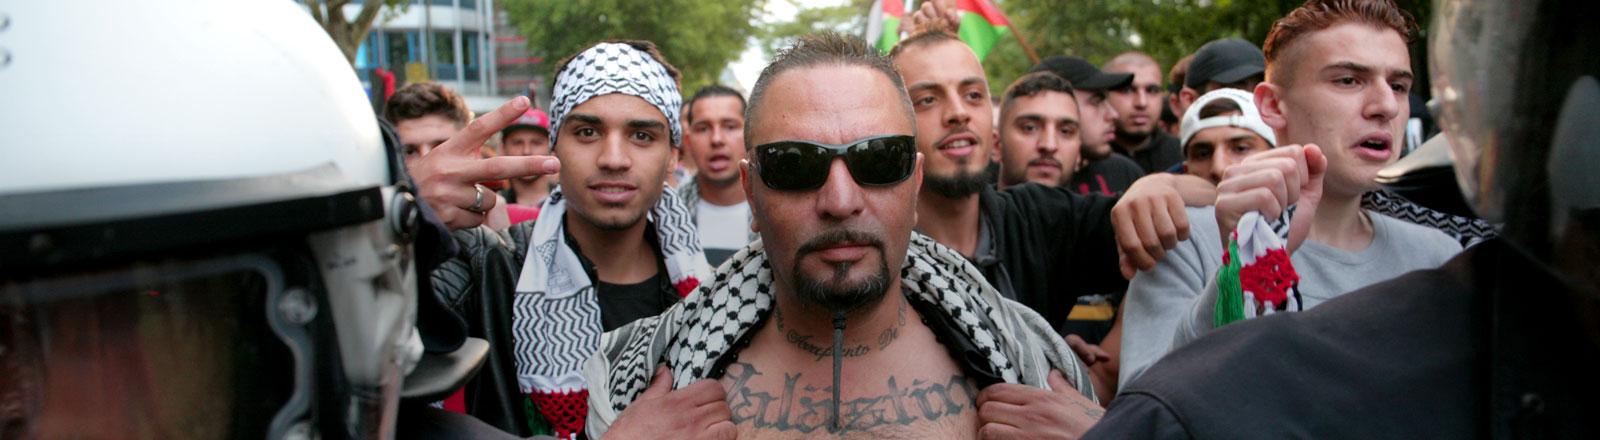 Mehrere hundert Palästinenser und Sympathisanten haben am Abend des 12.07.2014 in der Nähe der Berliner Fußball-Fanmeile gegen die Angriffe Israels im Gazastreifen protestiert.